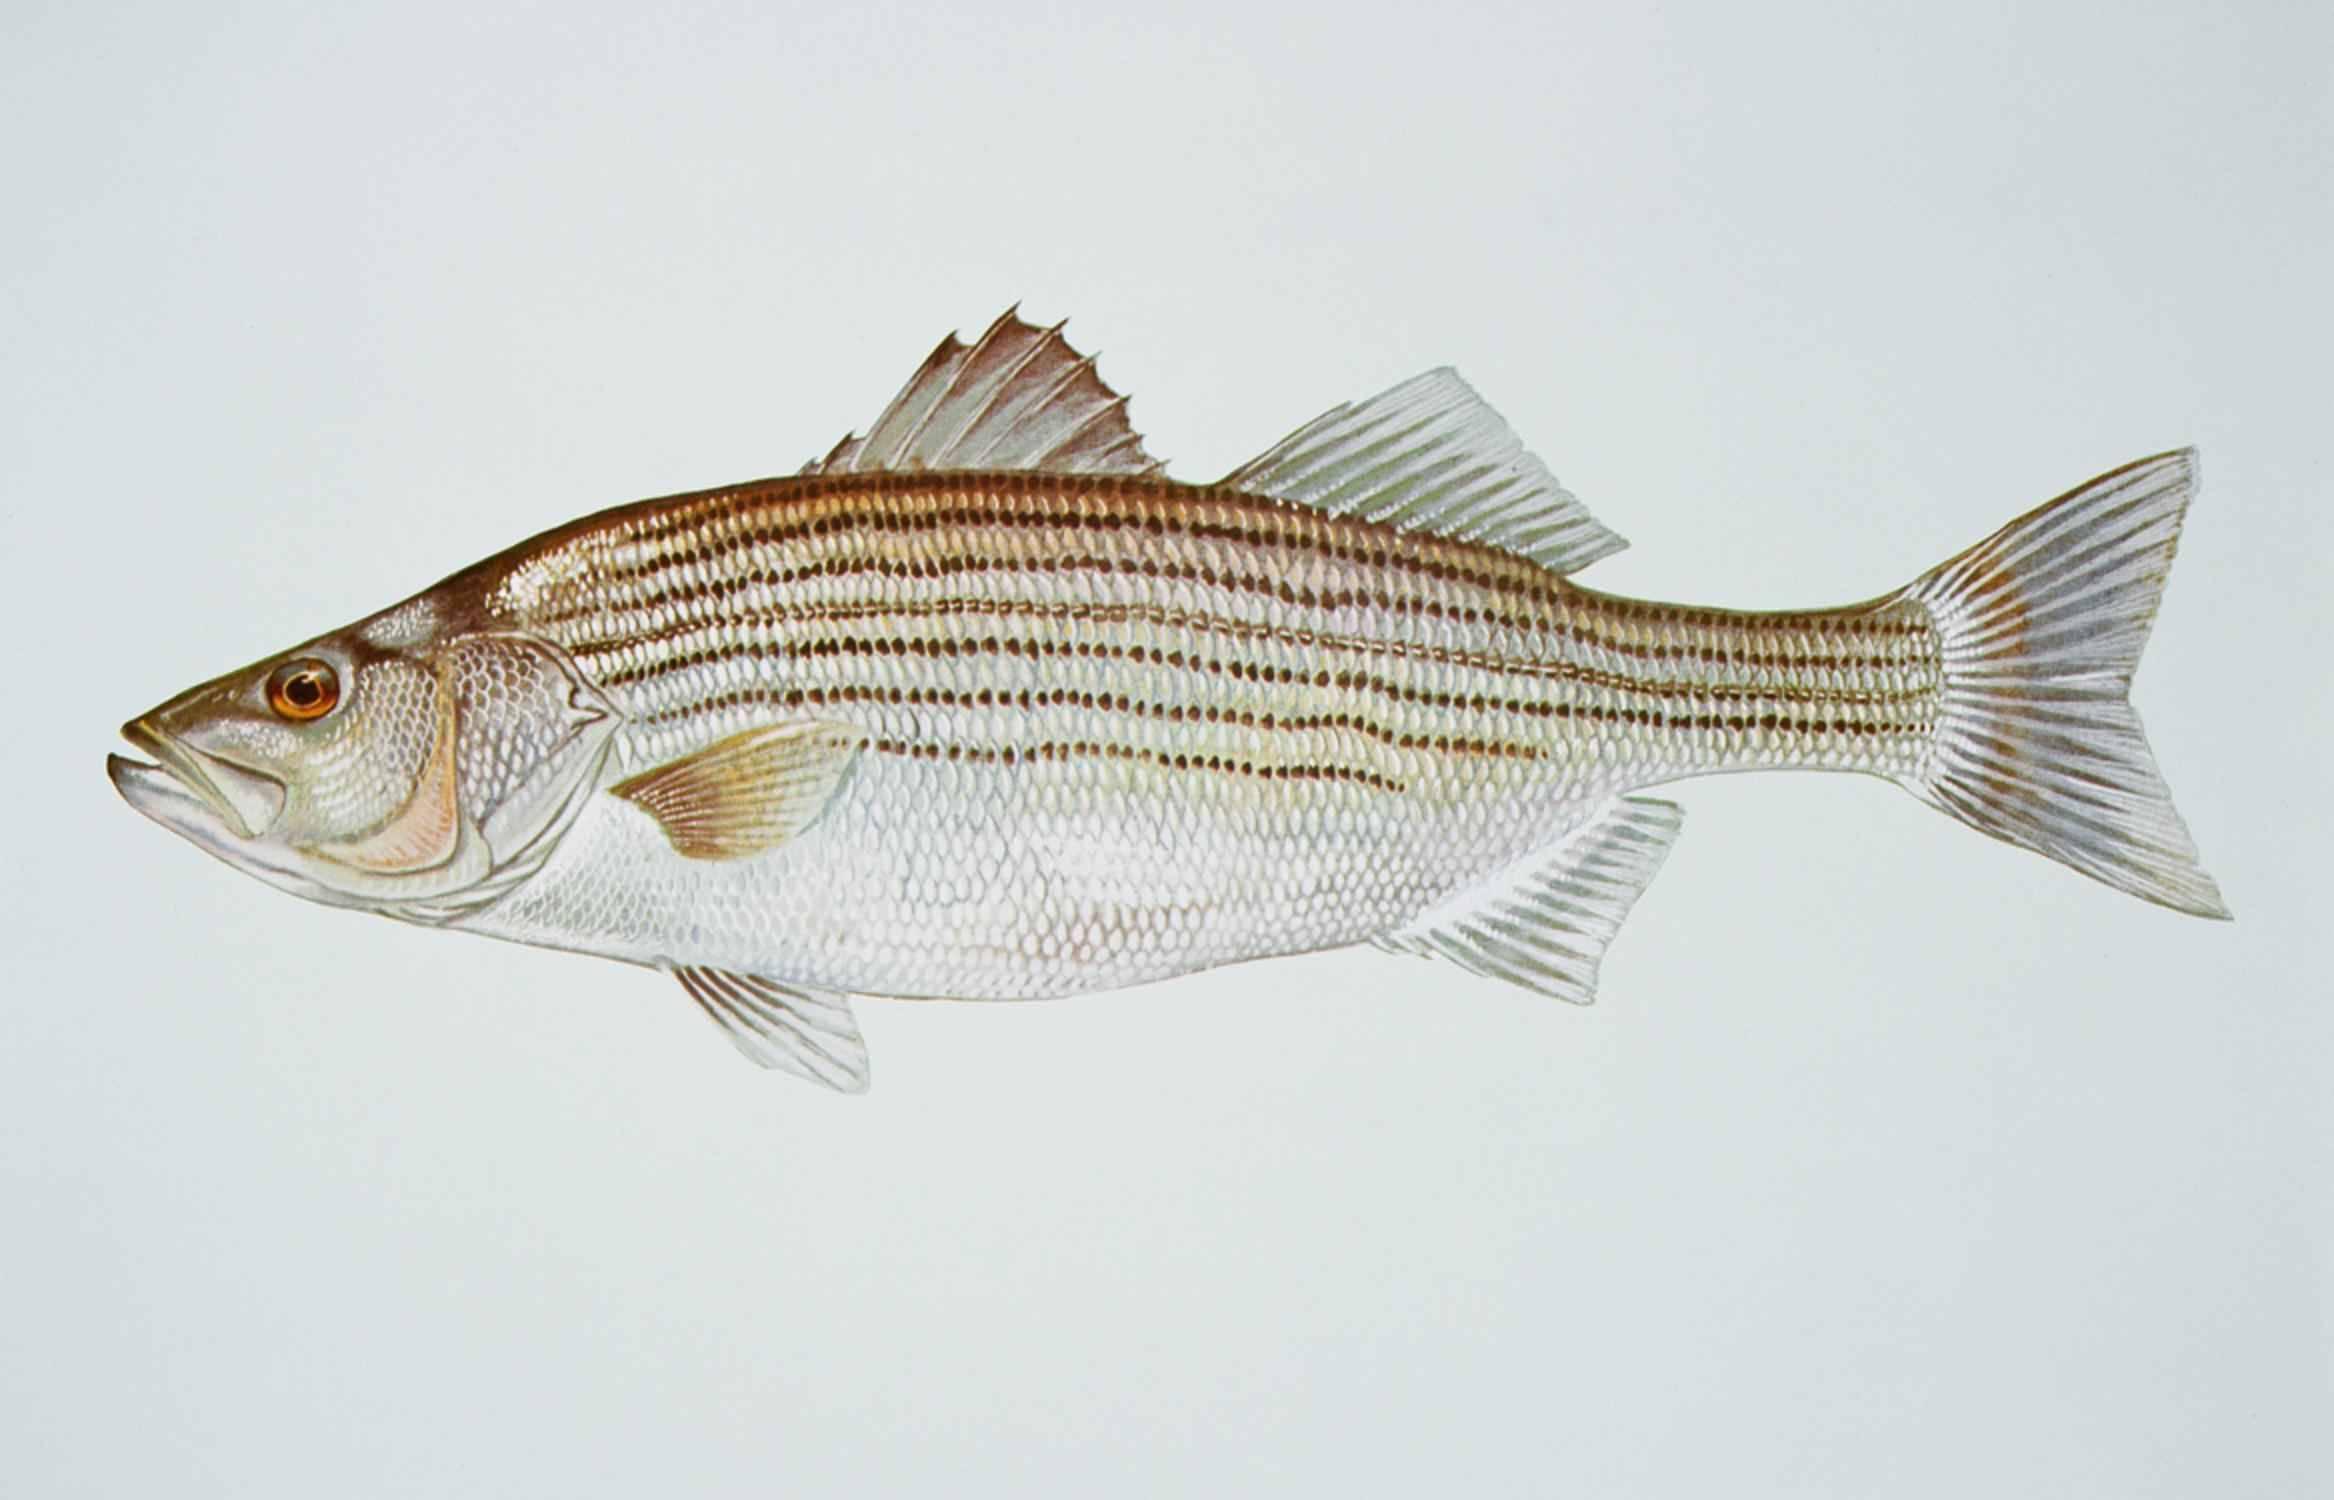 Полосатые аквариумные рыбки (28 фото): желтая с черными полосками, рыба-зебра и другие разновидности полосатиков для аквариума. характерные черты